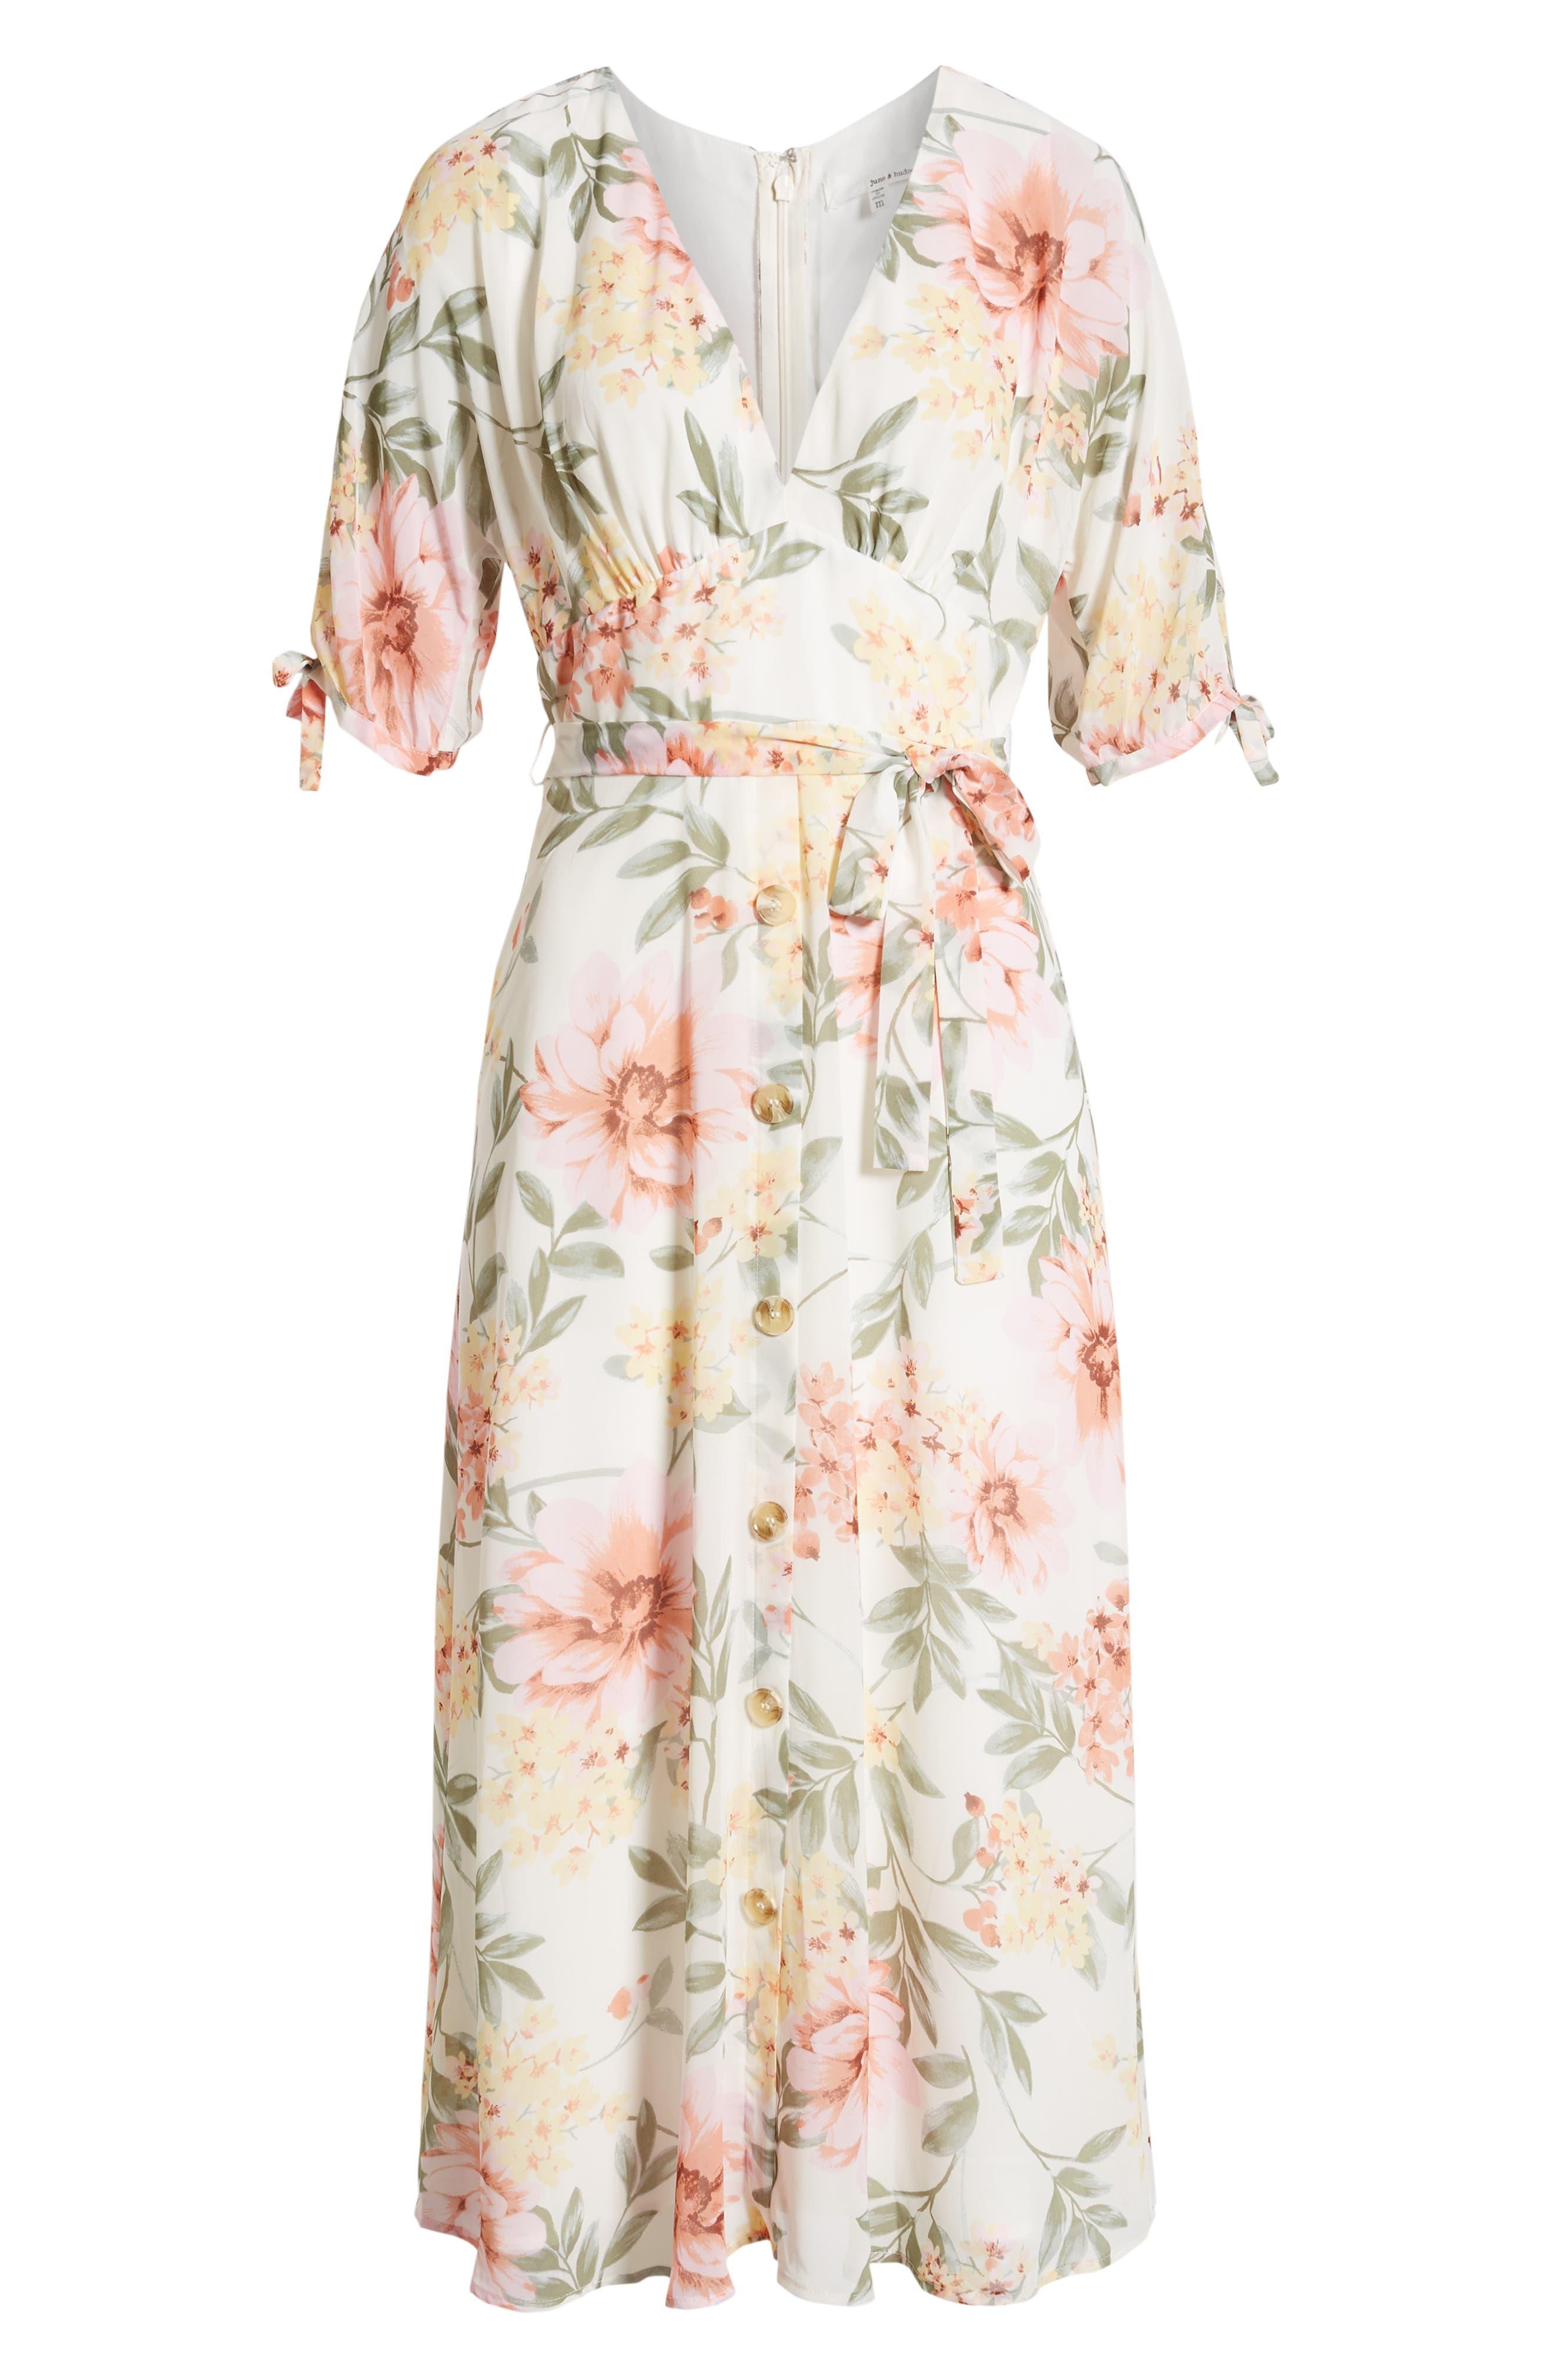 JUNE & HUDSON, Floral V-Neck Tie Front Dress, Alternate thumbnail 7, color, IVORY/ ROSE/ SAGE